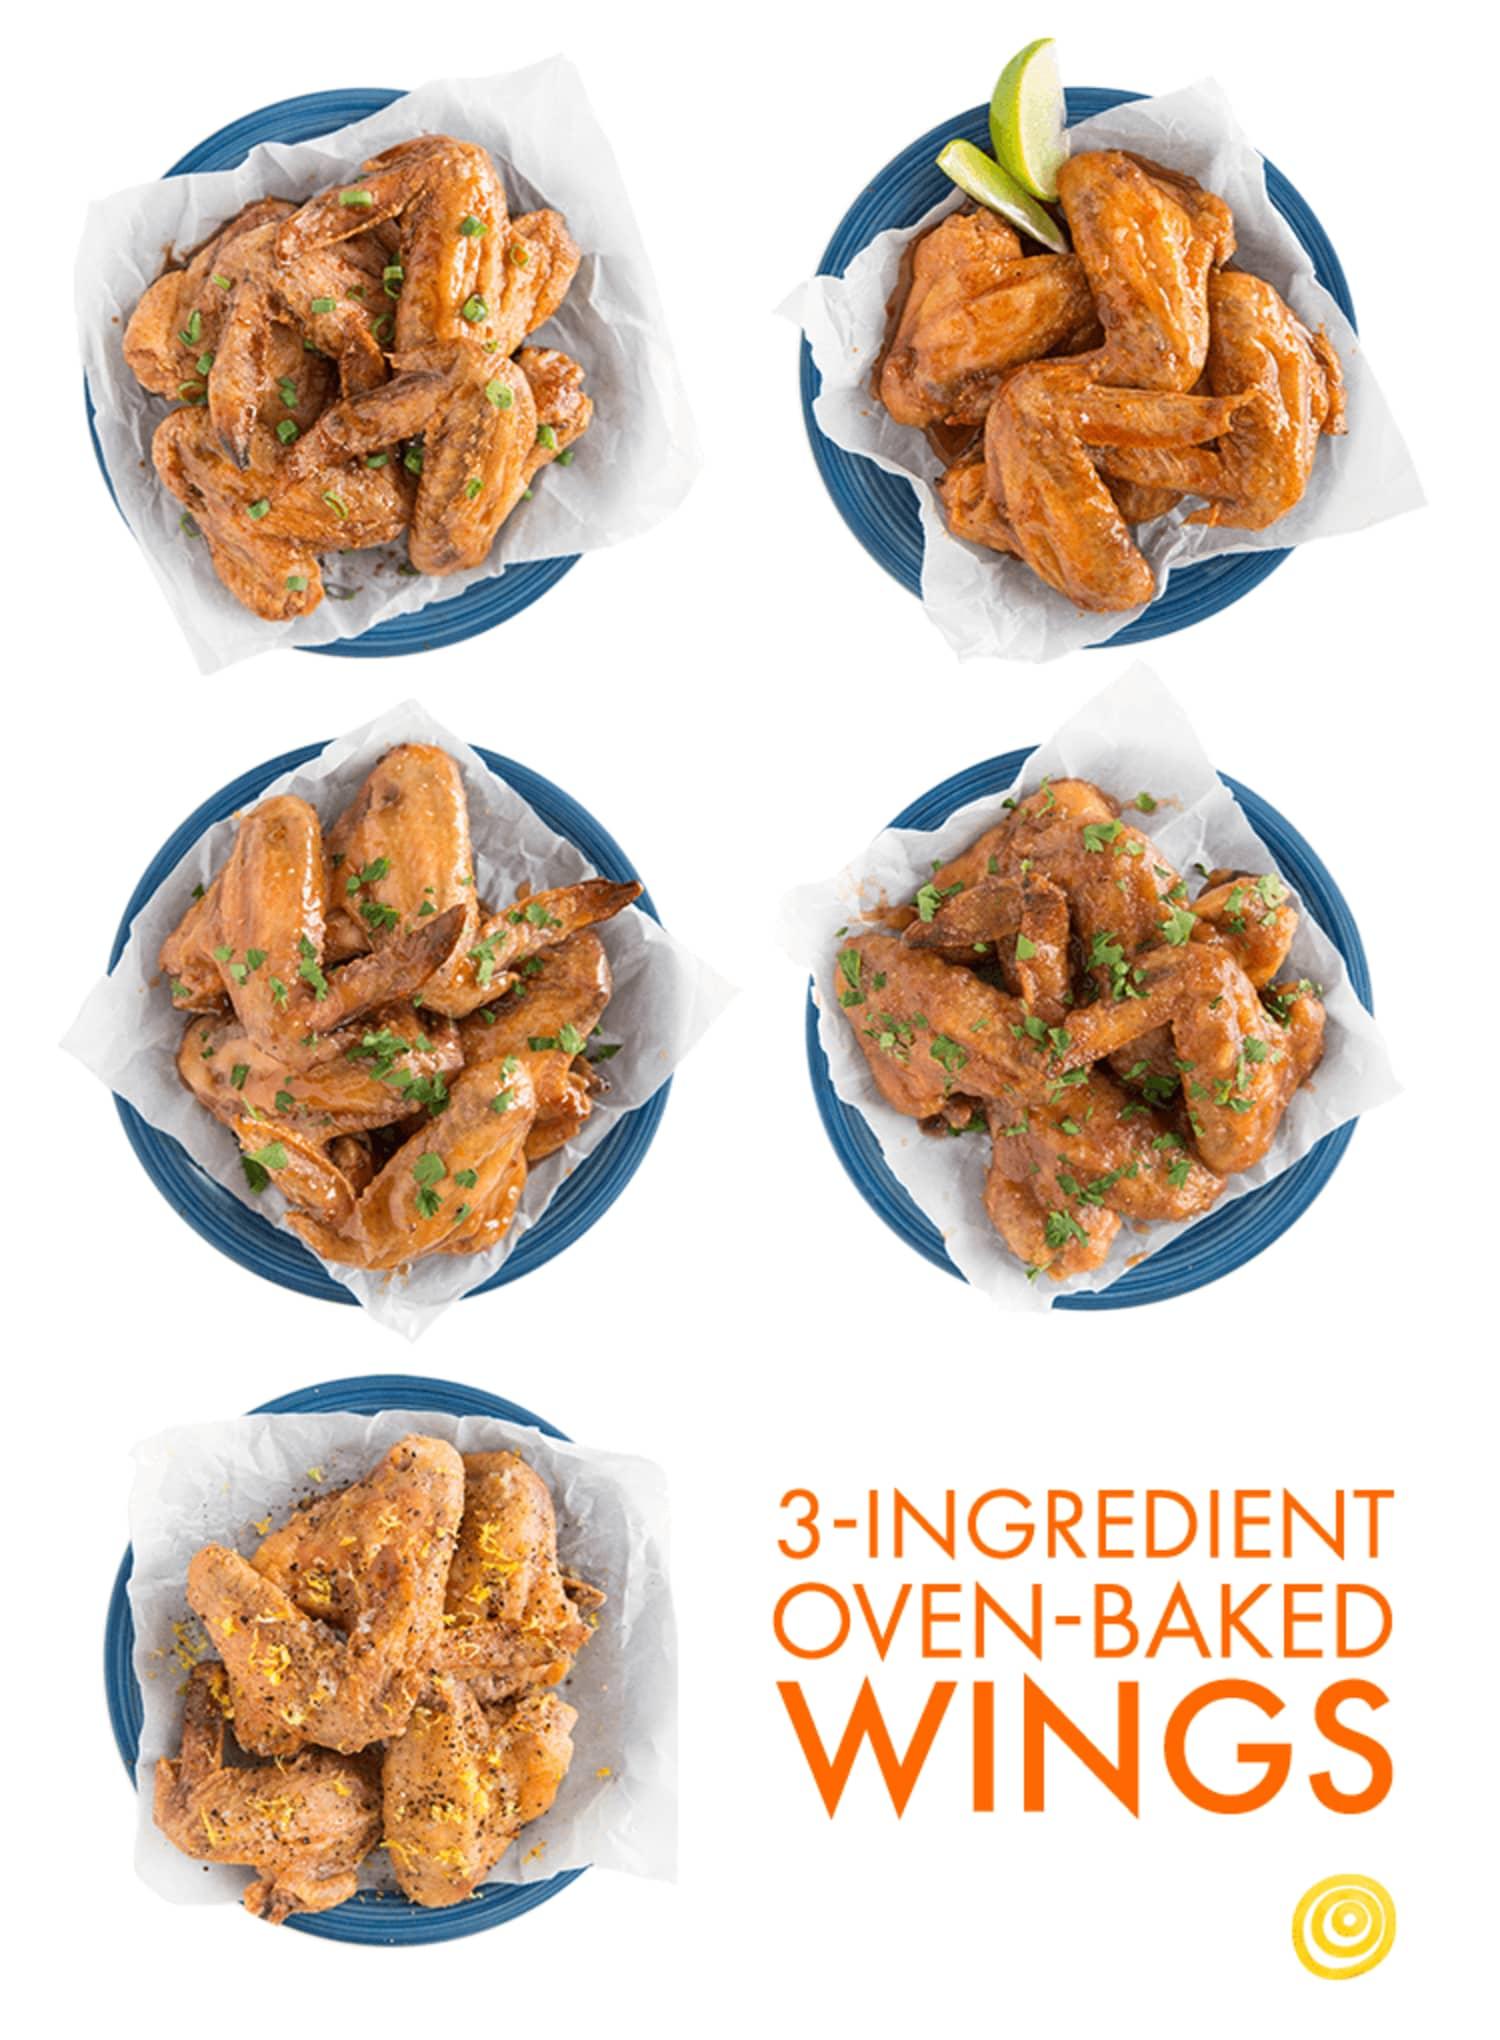 3-Ingredient Baked Wings, 5 Ways